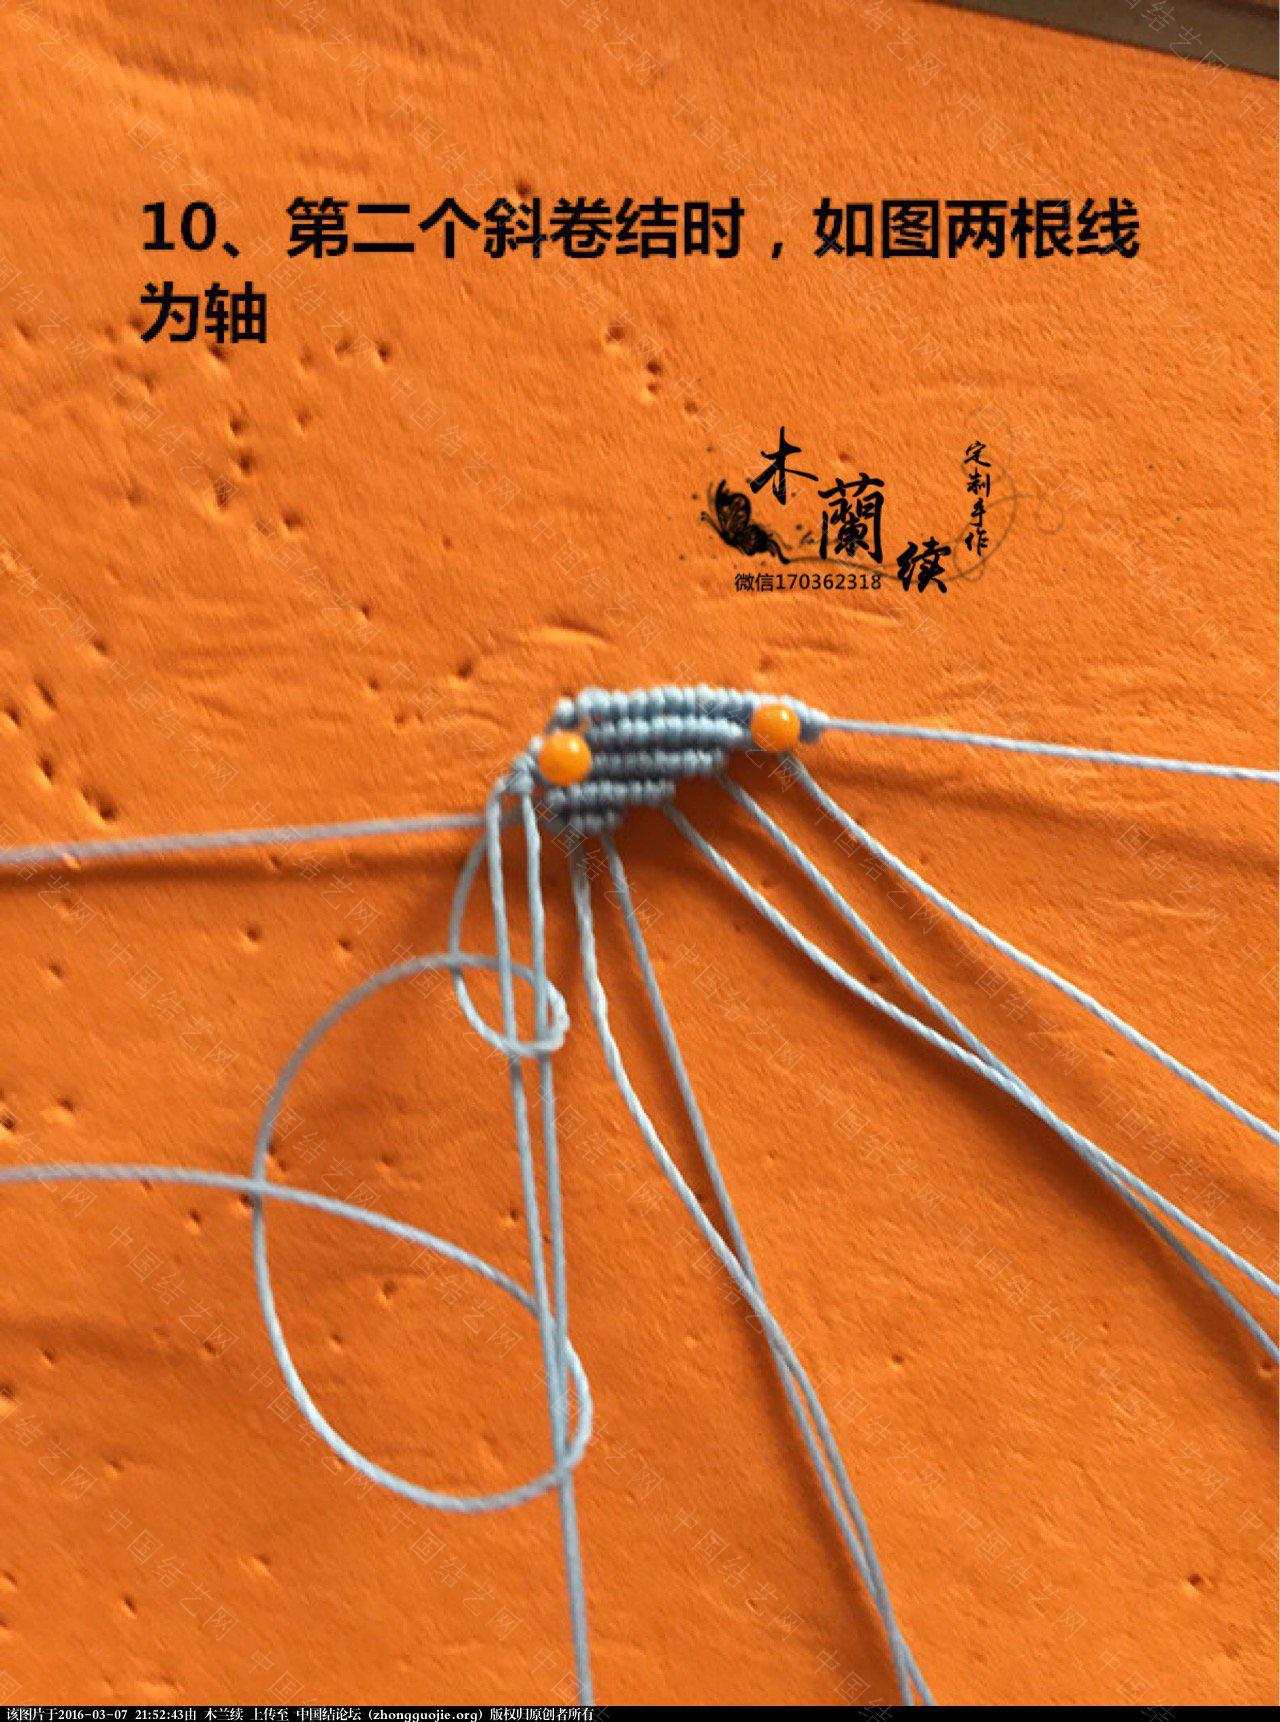 中国结论坛 【木兰续】萌萌的海星挂件! 木兰 图文教程区 214833ajsgee20zyba9ii9